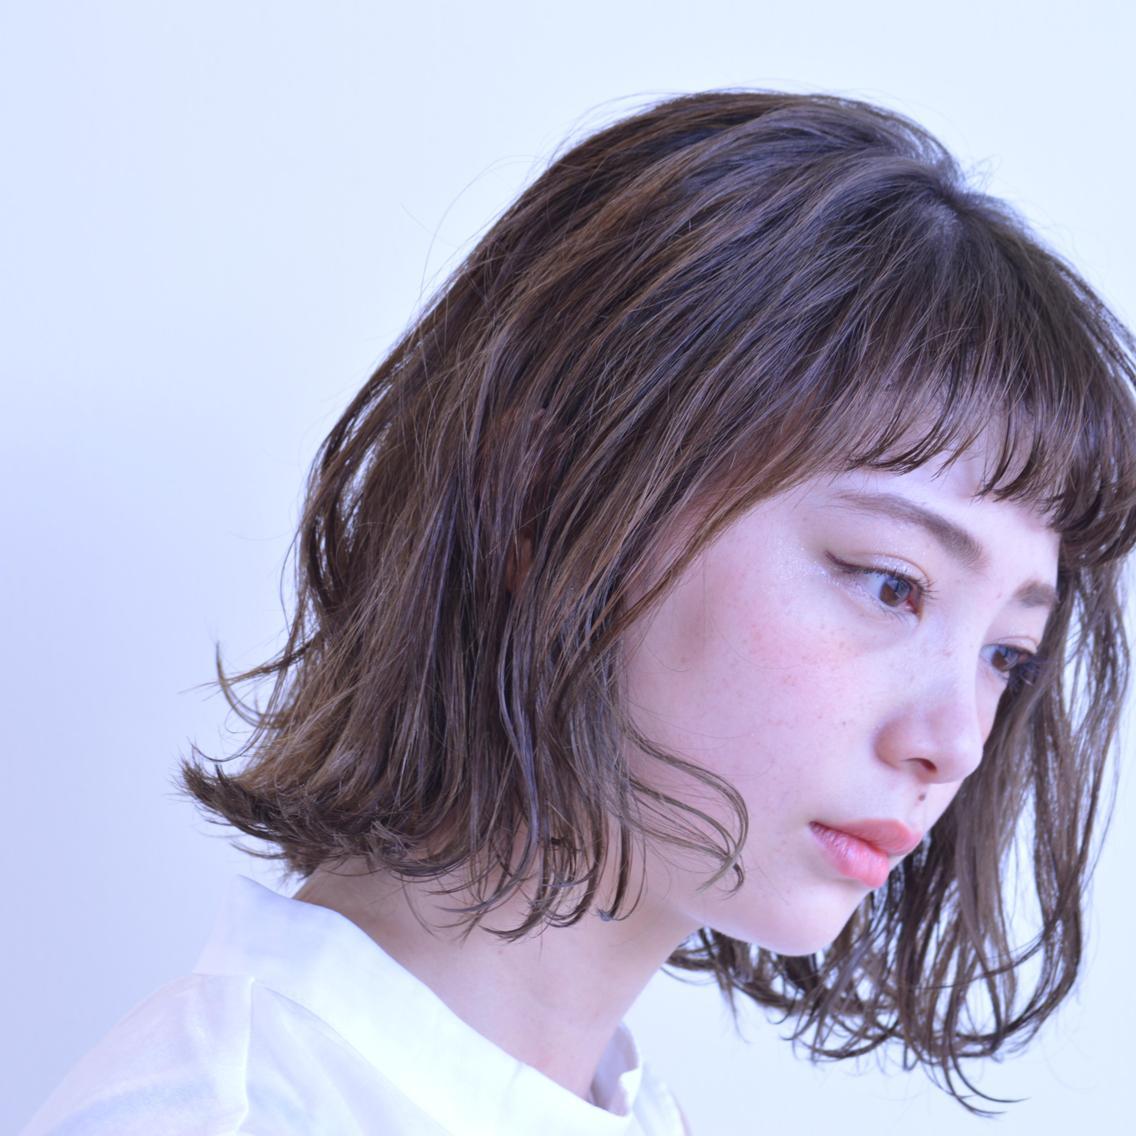 阪急川西能勢口徒歩2分☆当日カラーリスト・ケアリスト在籍一人一人に合わせなりたい女性像、お客様との共有を大切にしているサロンです